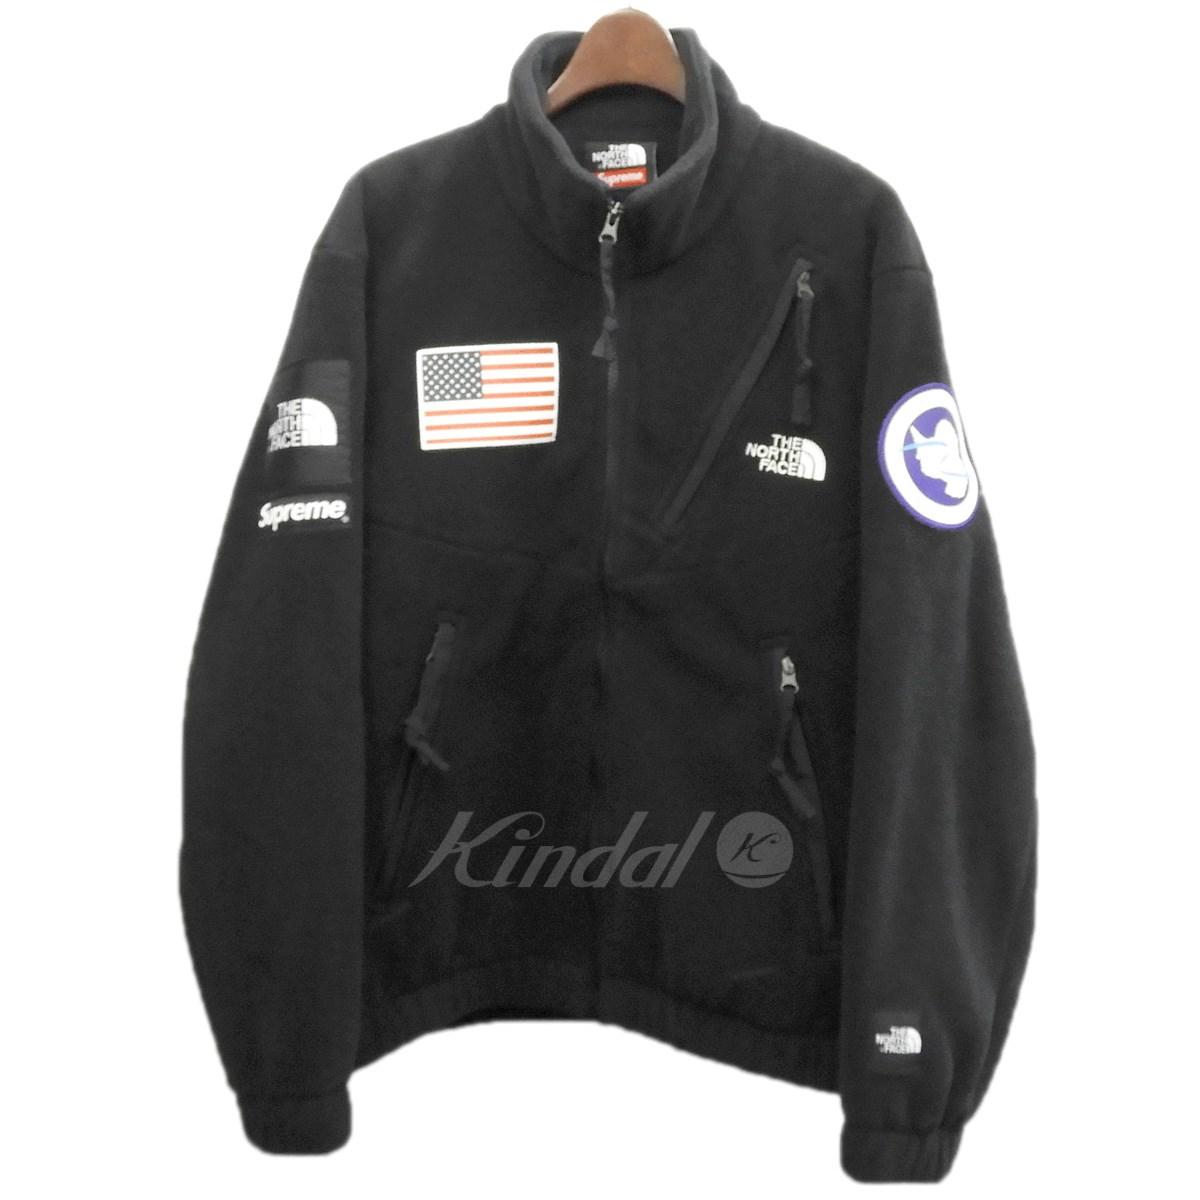 【中古】Supreme×THE NORTH FACE 17SS「Trans Antarctica Expendition Fleece Jacket」 ブラック サイズ:S 【送料無料】 【130319】(シュプリーム ノースフェイス)